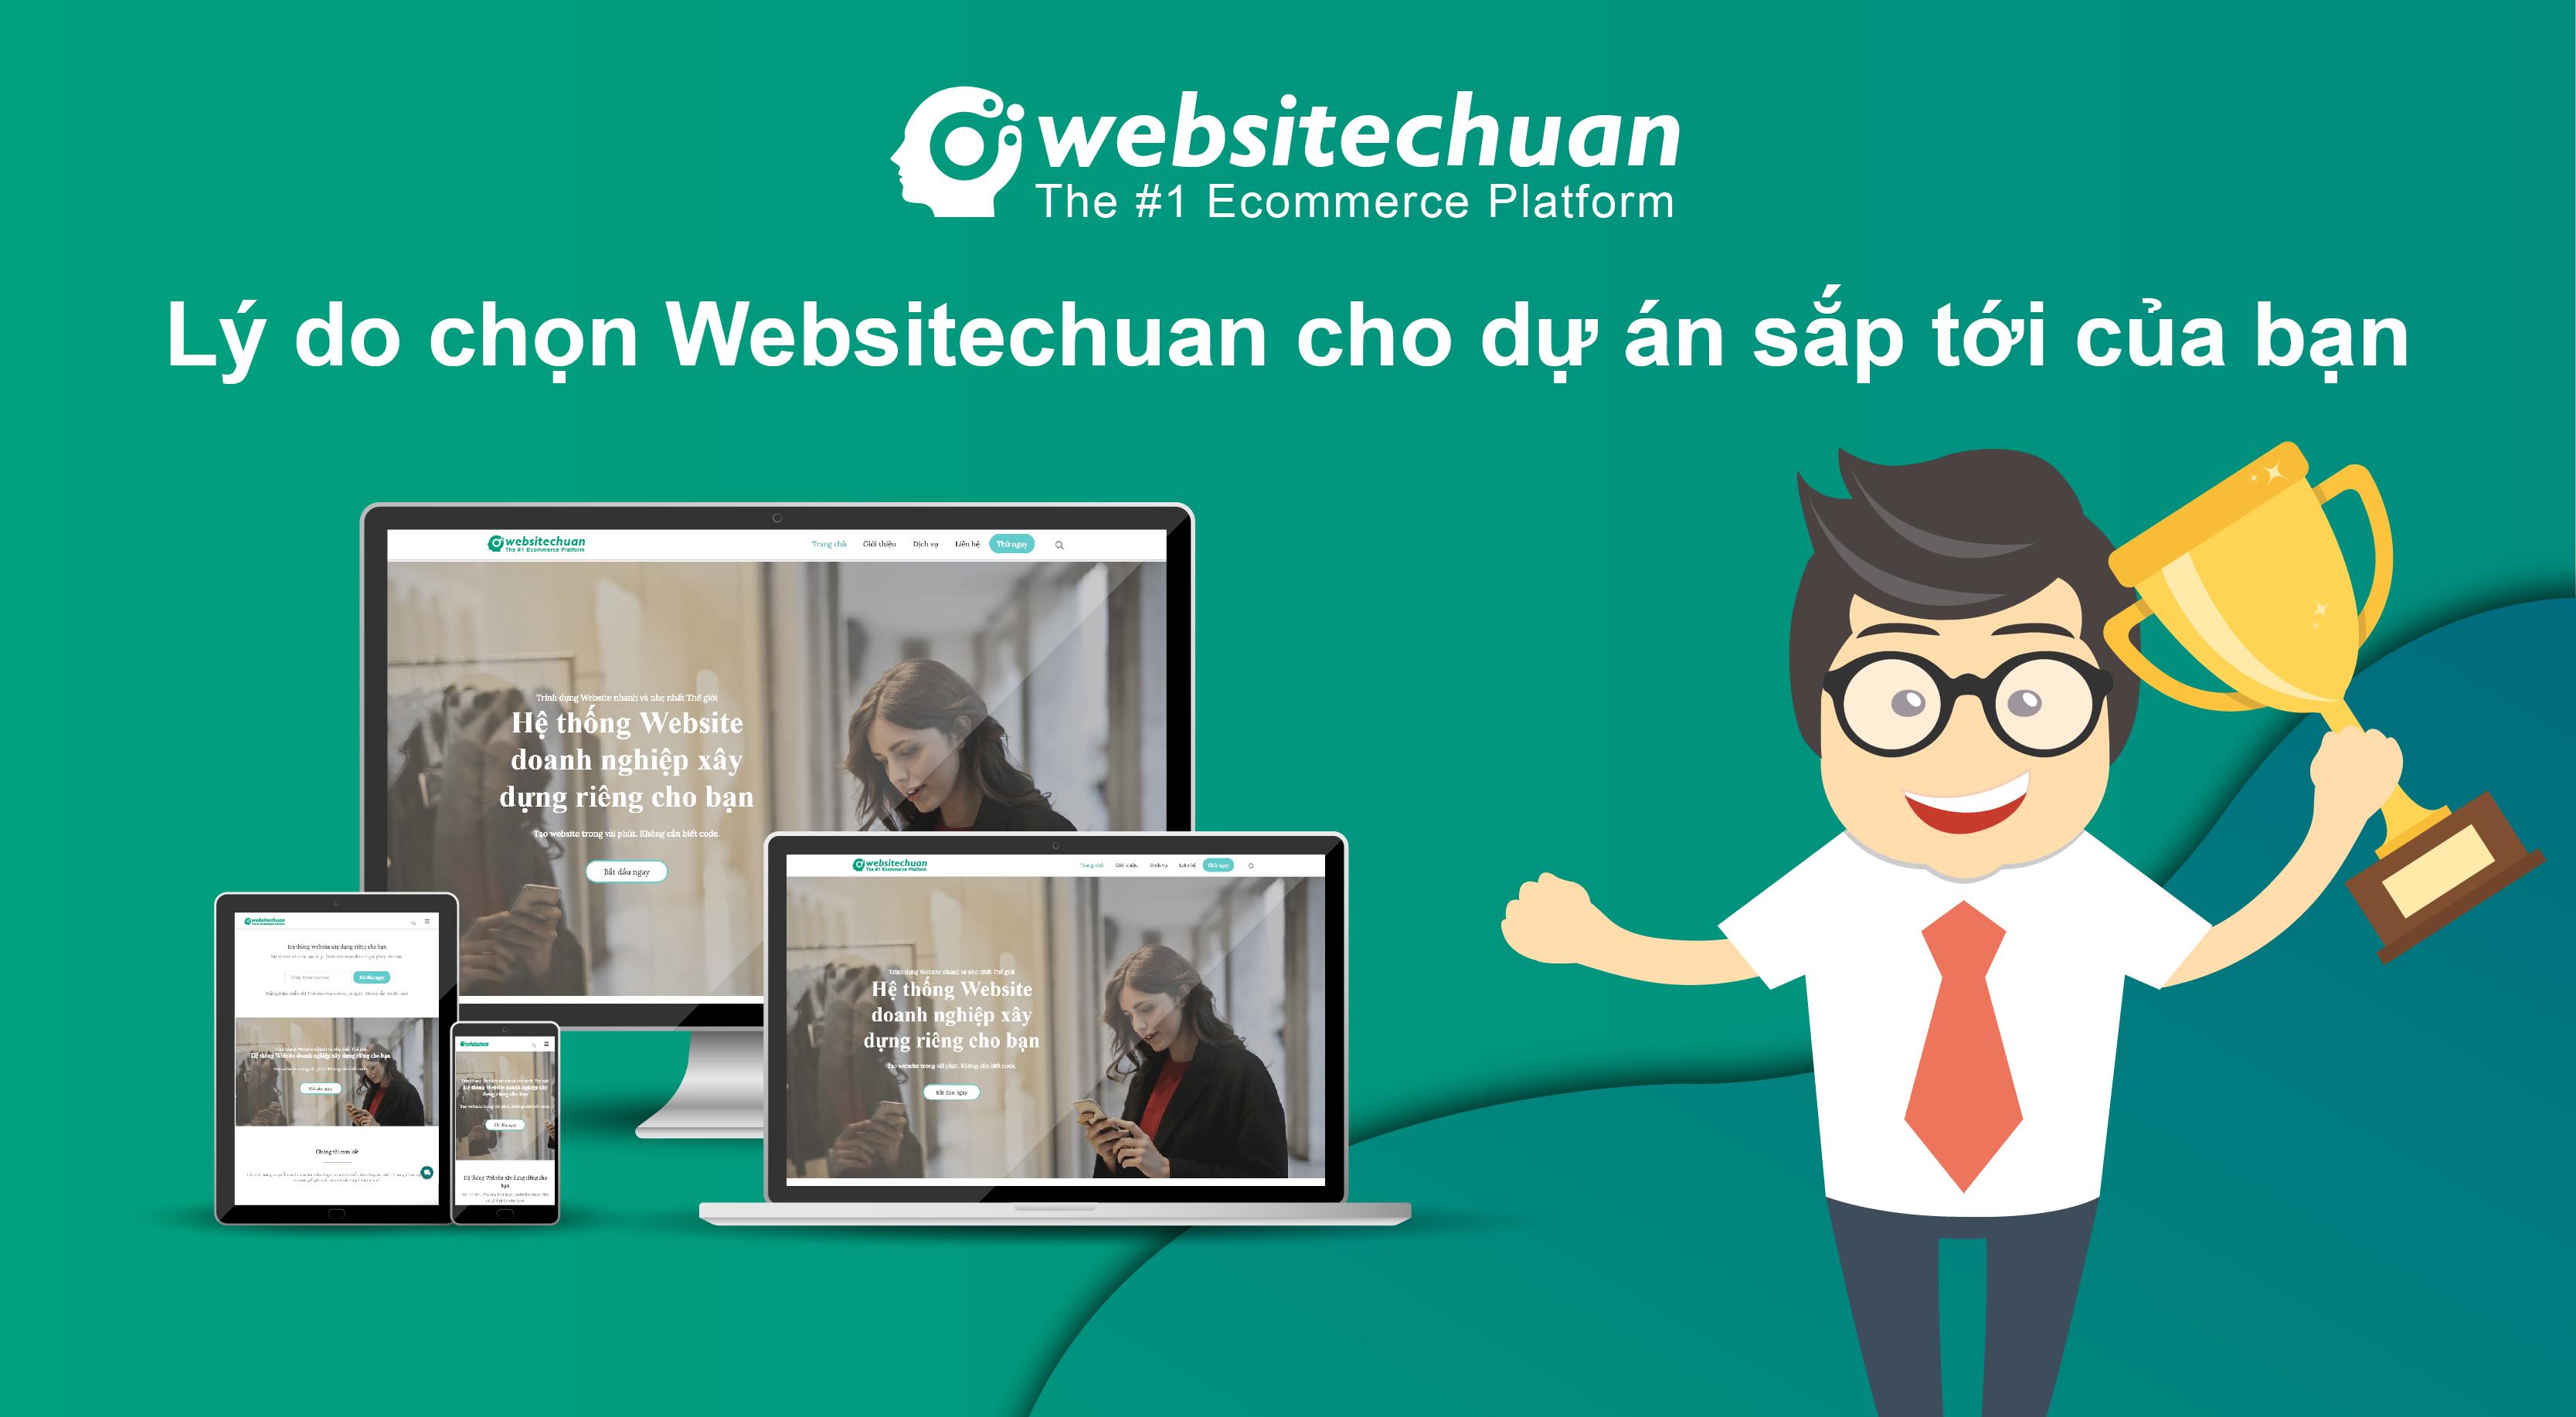 lý do chọn websitechuan